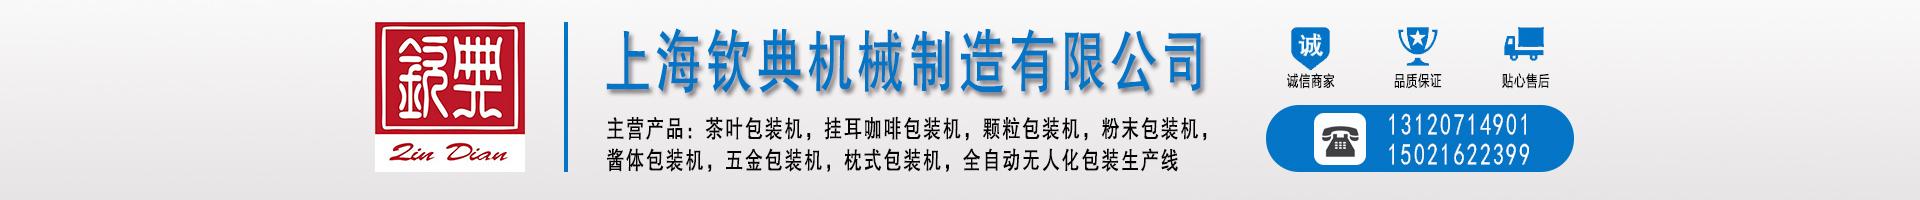 上海钦典机械制造有限公司